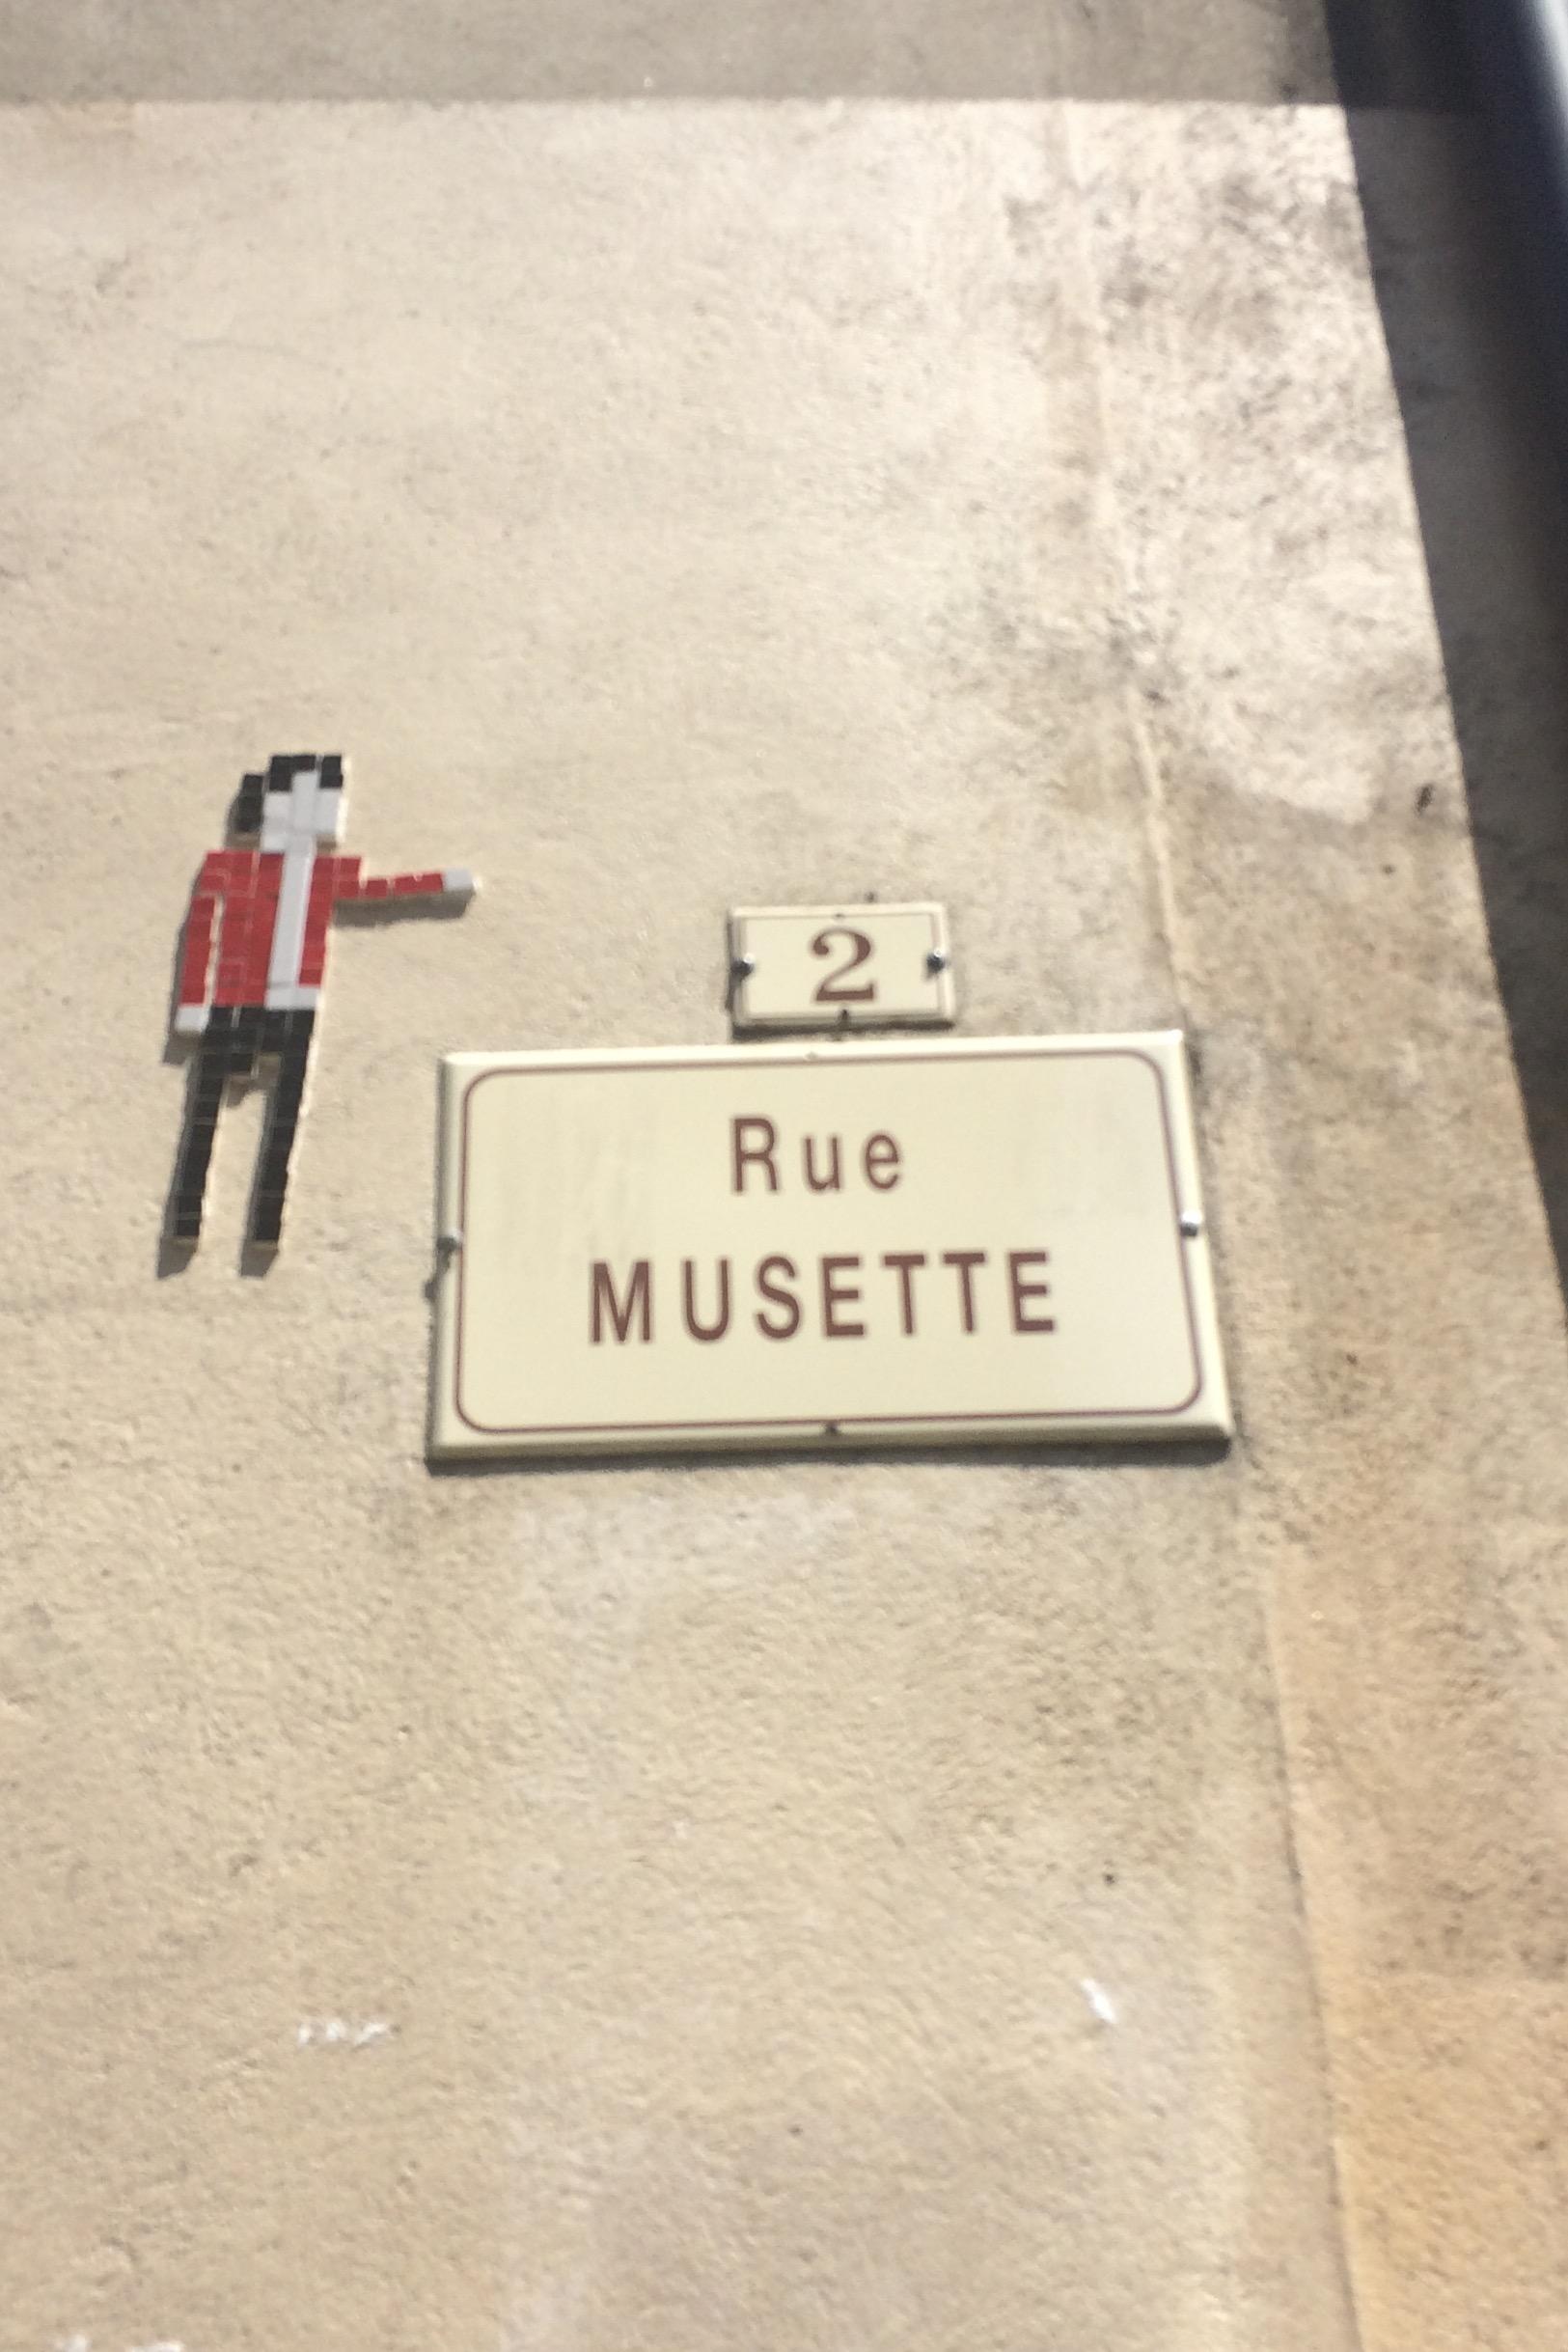 Rue Musette, Dijon, France